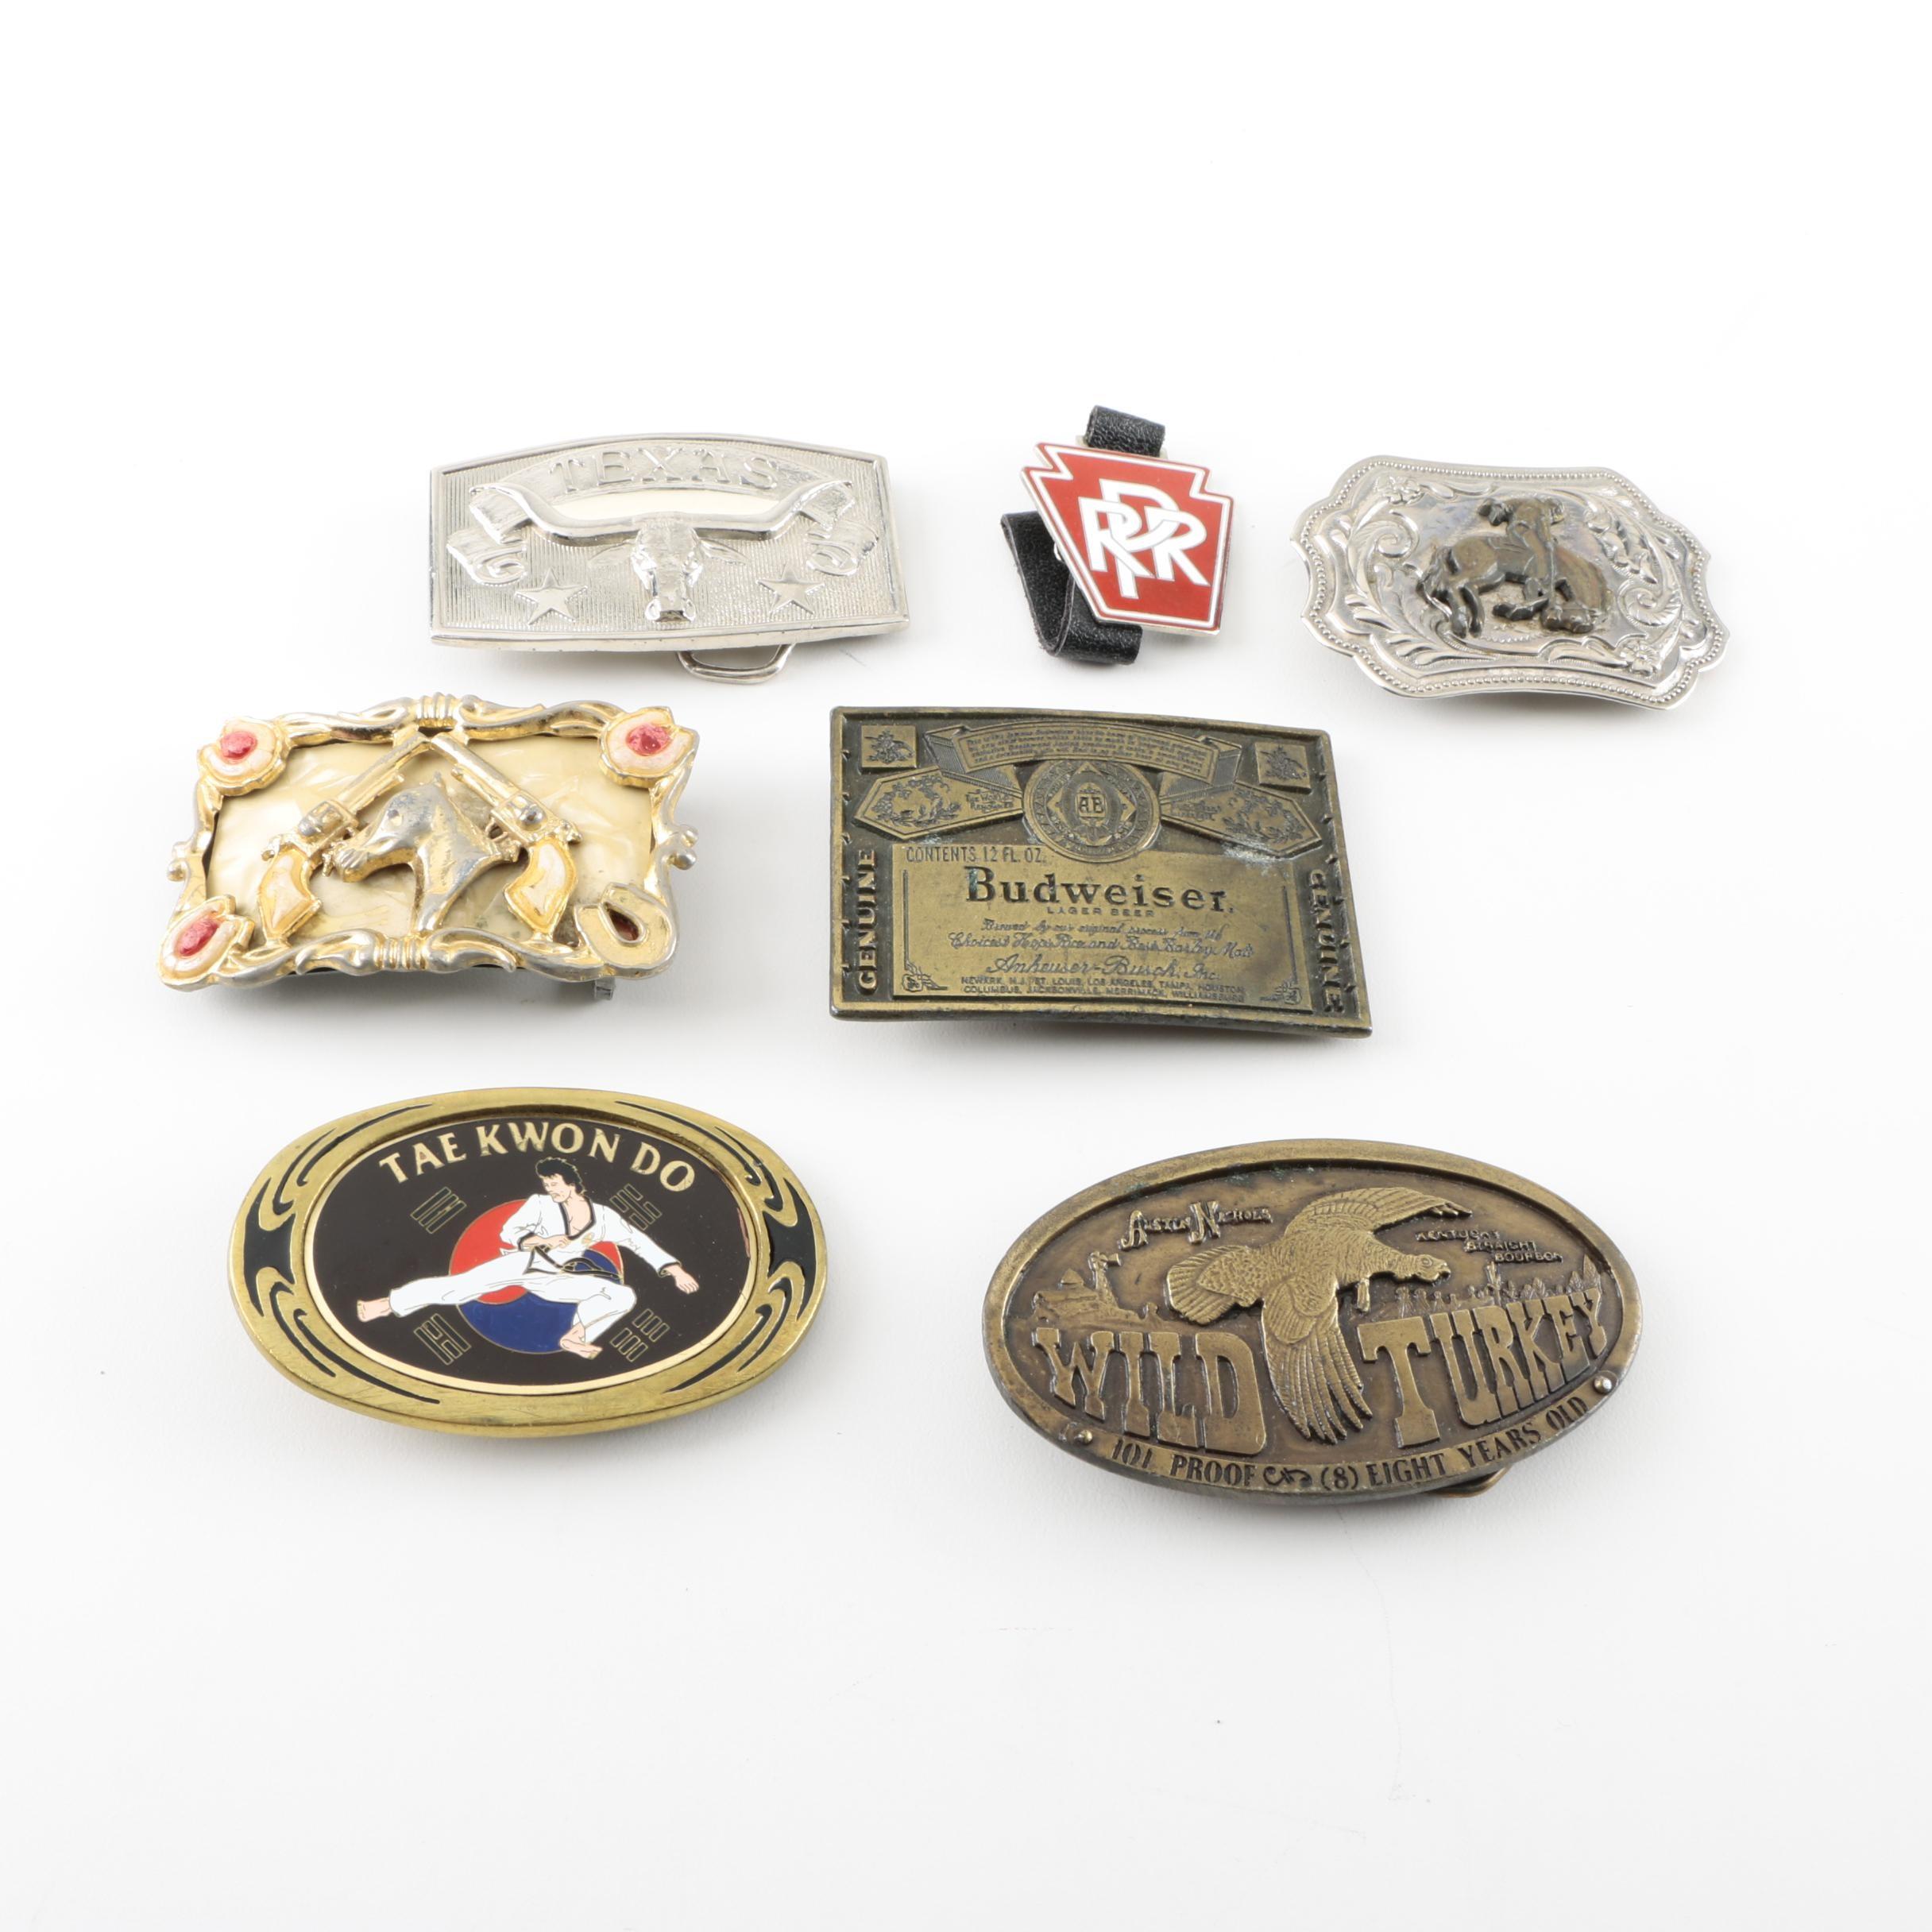 Vintage Brass and Metal Belt Buckles Including Budweiser